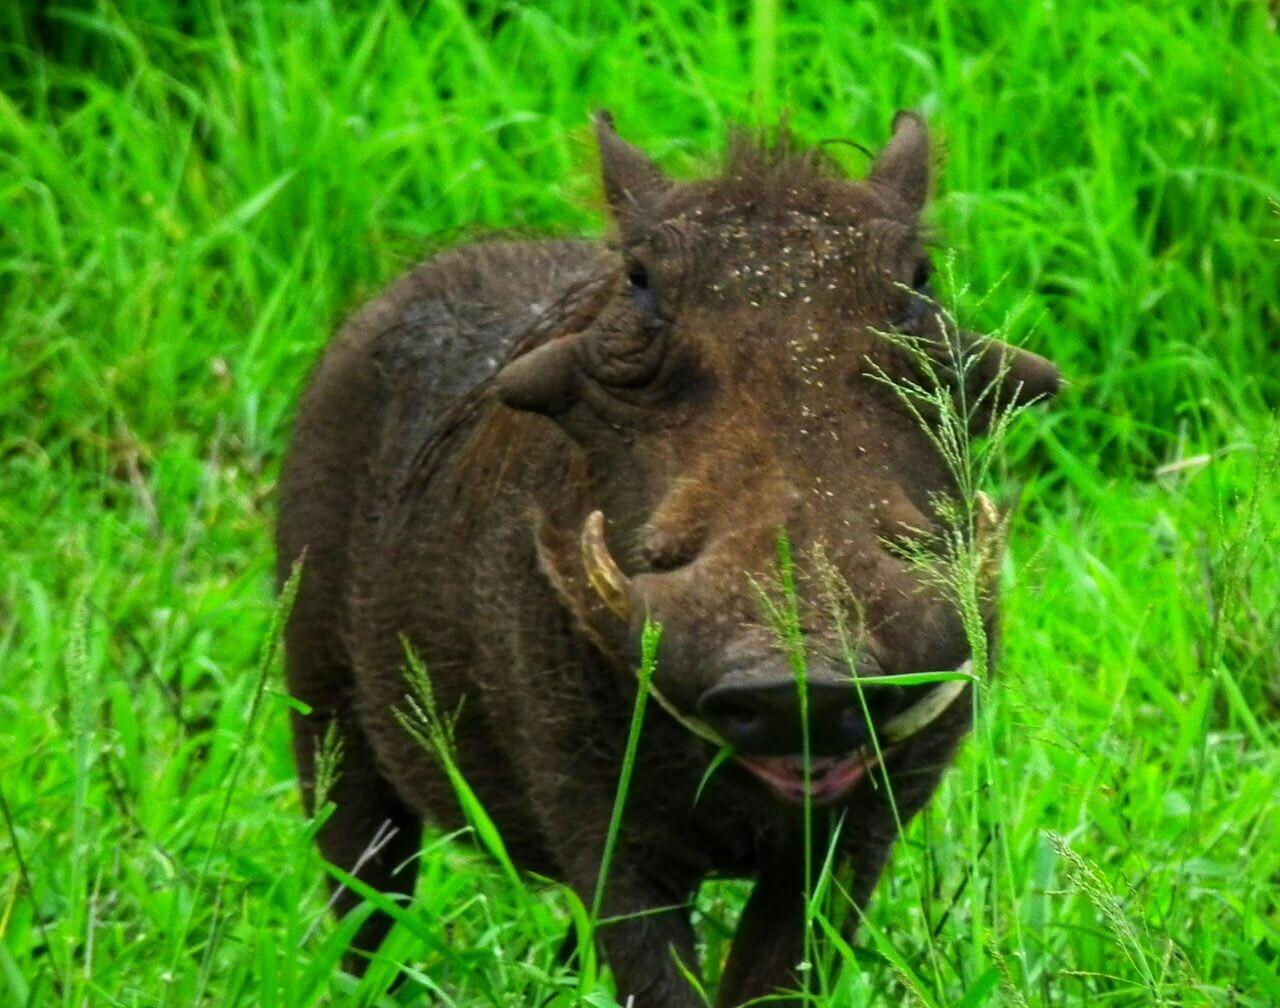 Warthog with pollen